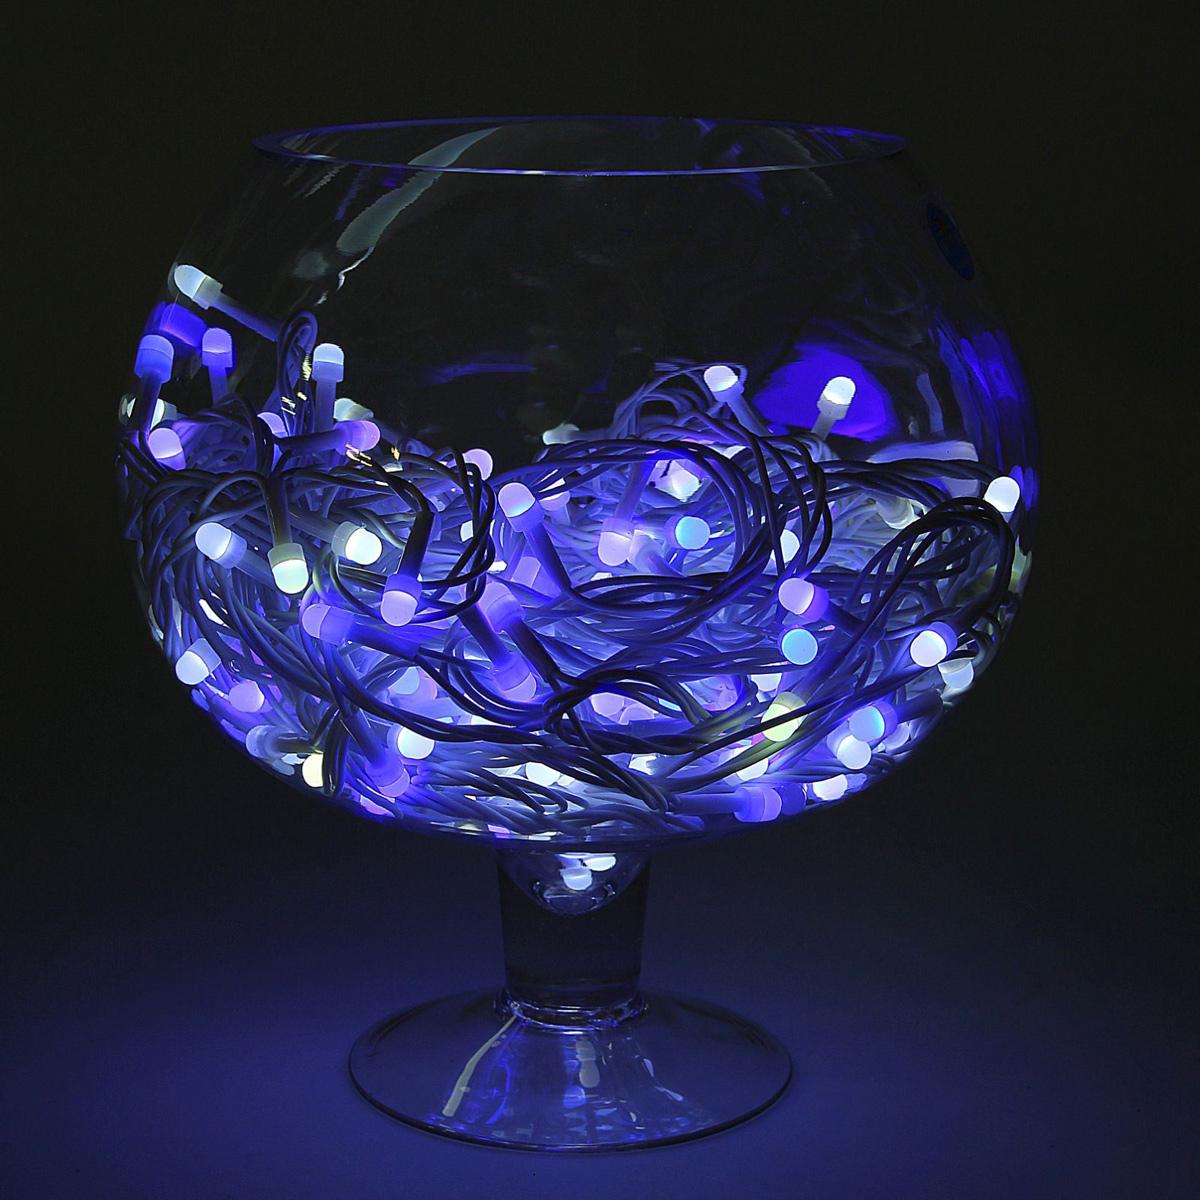 Гирлянда светодиодная Luazon Метраж, уличная, моргает, 200 ламп, 220 V, 20 м, цвет: синий. 10805691080569Светодиодные гирлянды, ленты и т.д. — это отличный вариант для новогоднего оформления интерьера или фасада. С их помощью помещение любого размера можно превратить в праздничный зал, а внешние элементы зданий, украшенные ими, мгновенно станут напоминать очертания сказочного дворца. Такие украшения создают ауру предвкушения чуда. Деревья, фасады, витрины, окна и арки будто специально созданы, чтобы вы украсили их светящимися нитями.